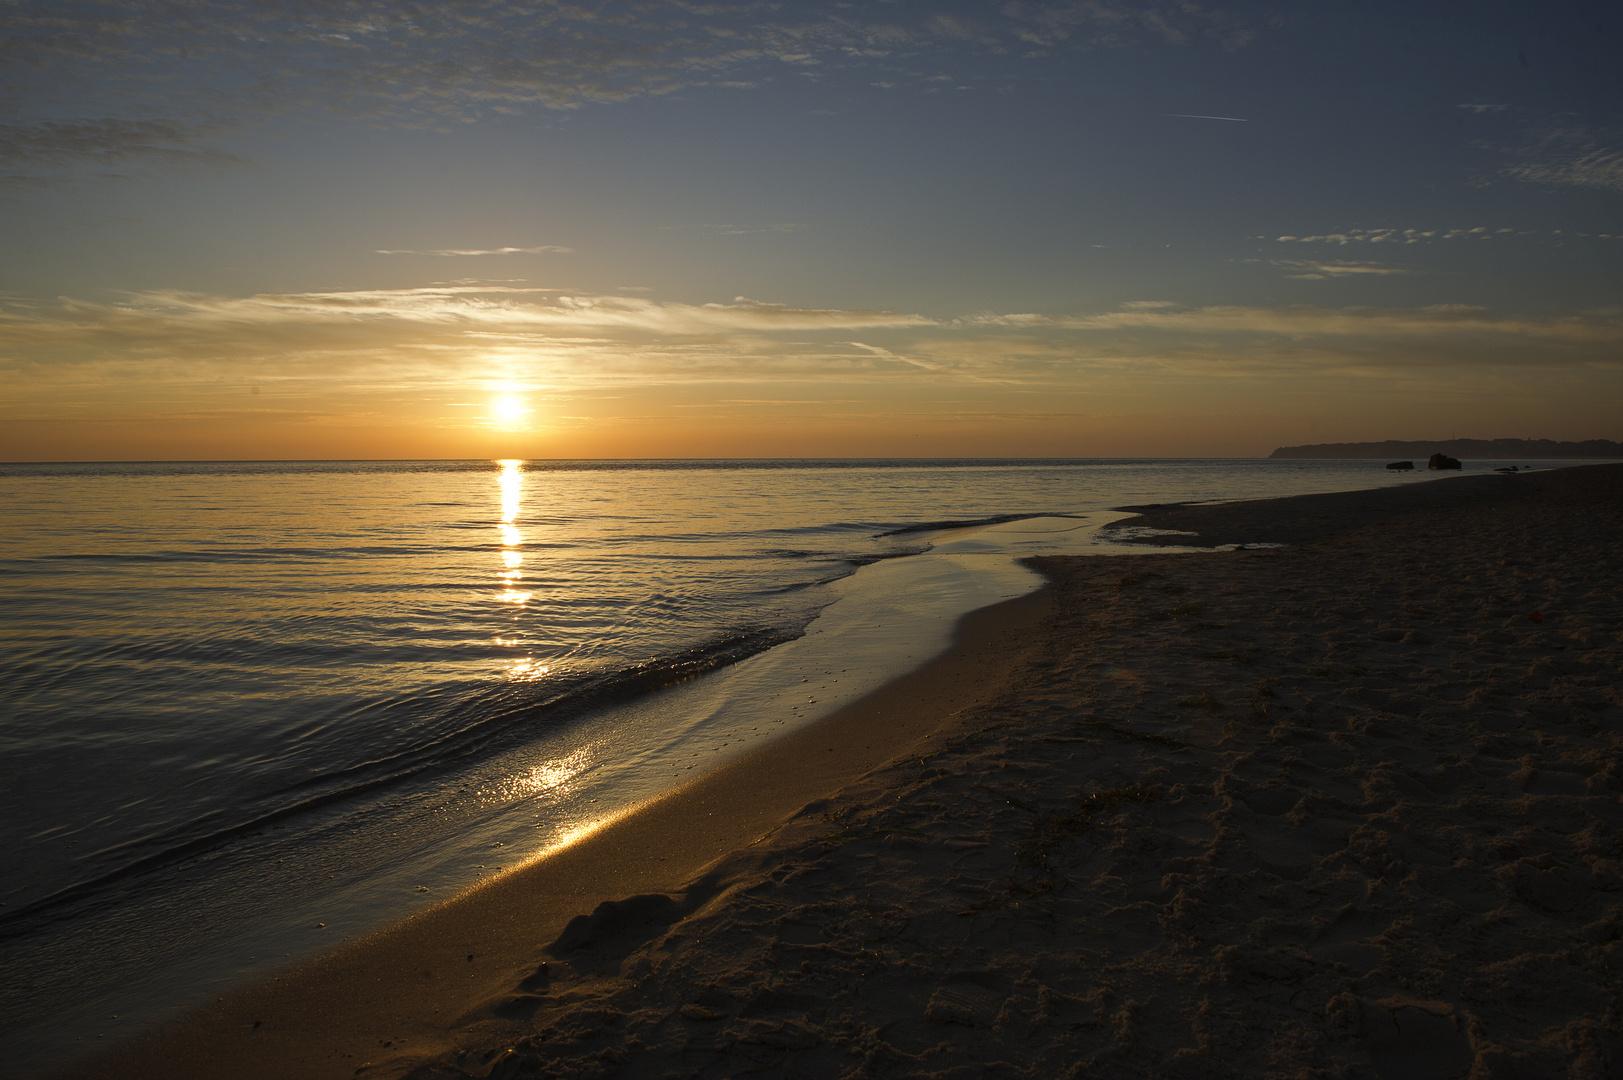 Und immer wieder geht die Sonne auf...